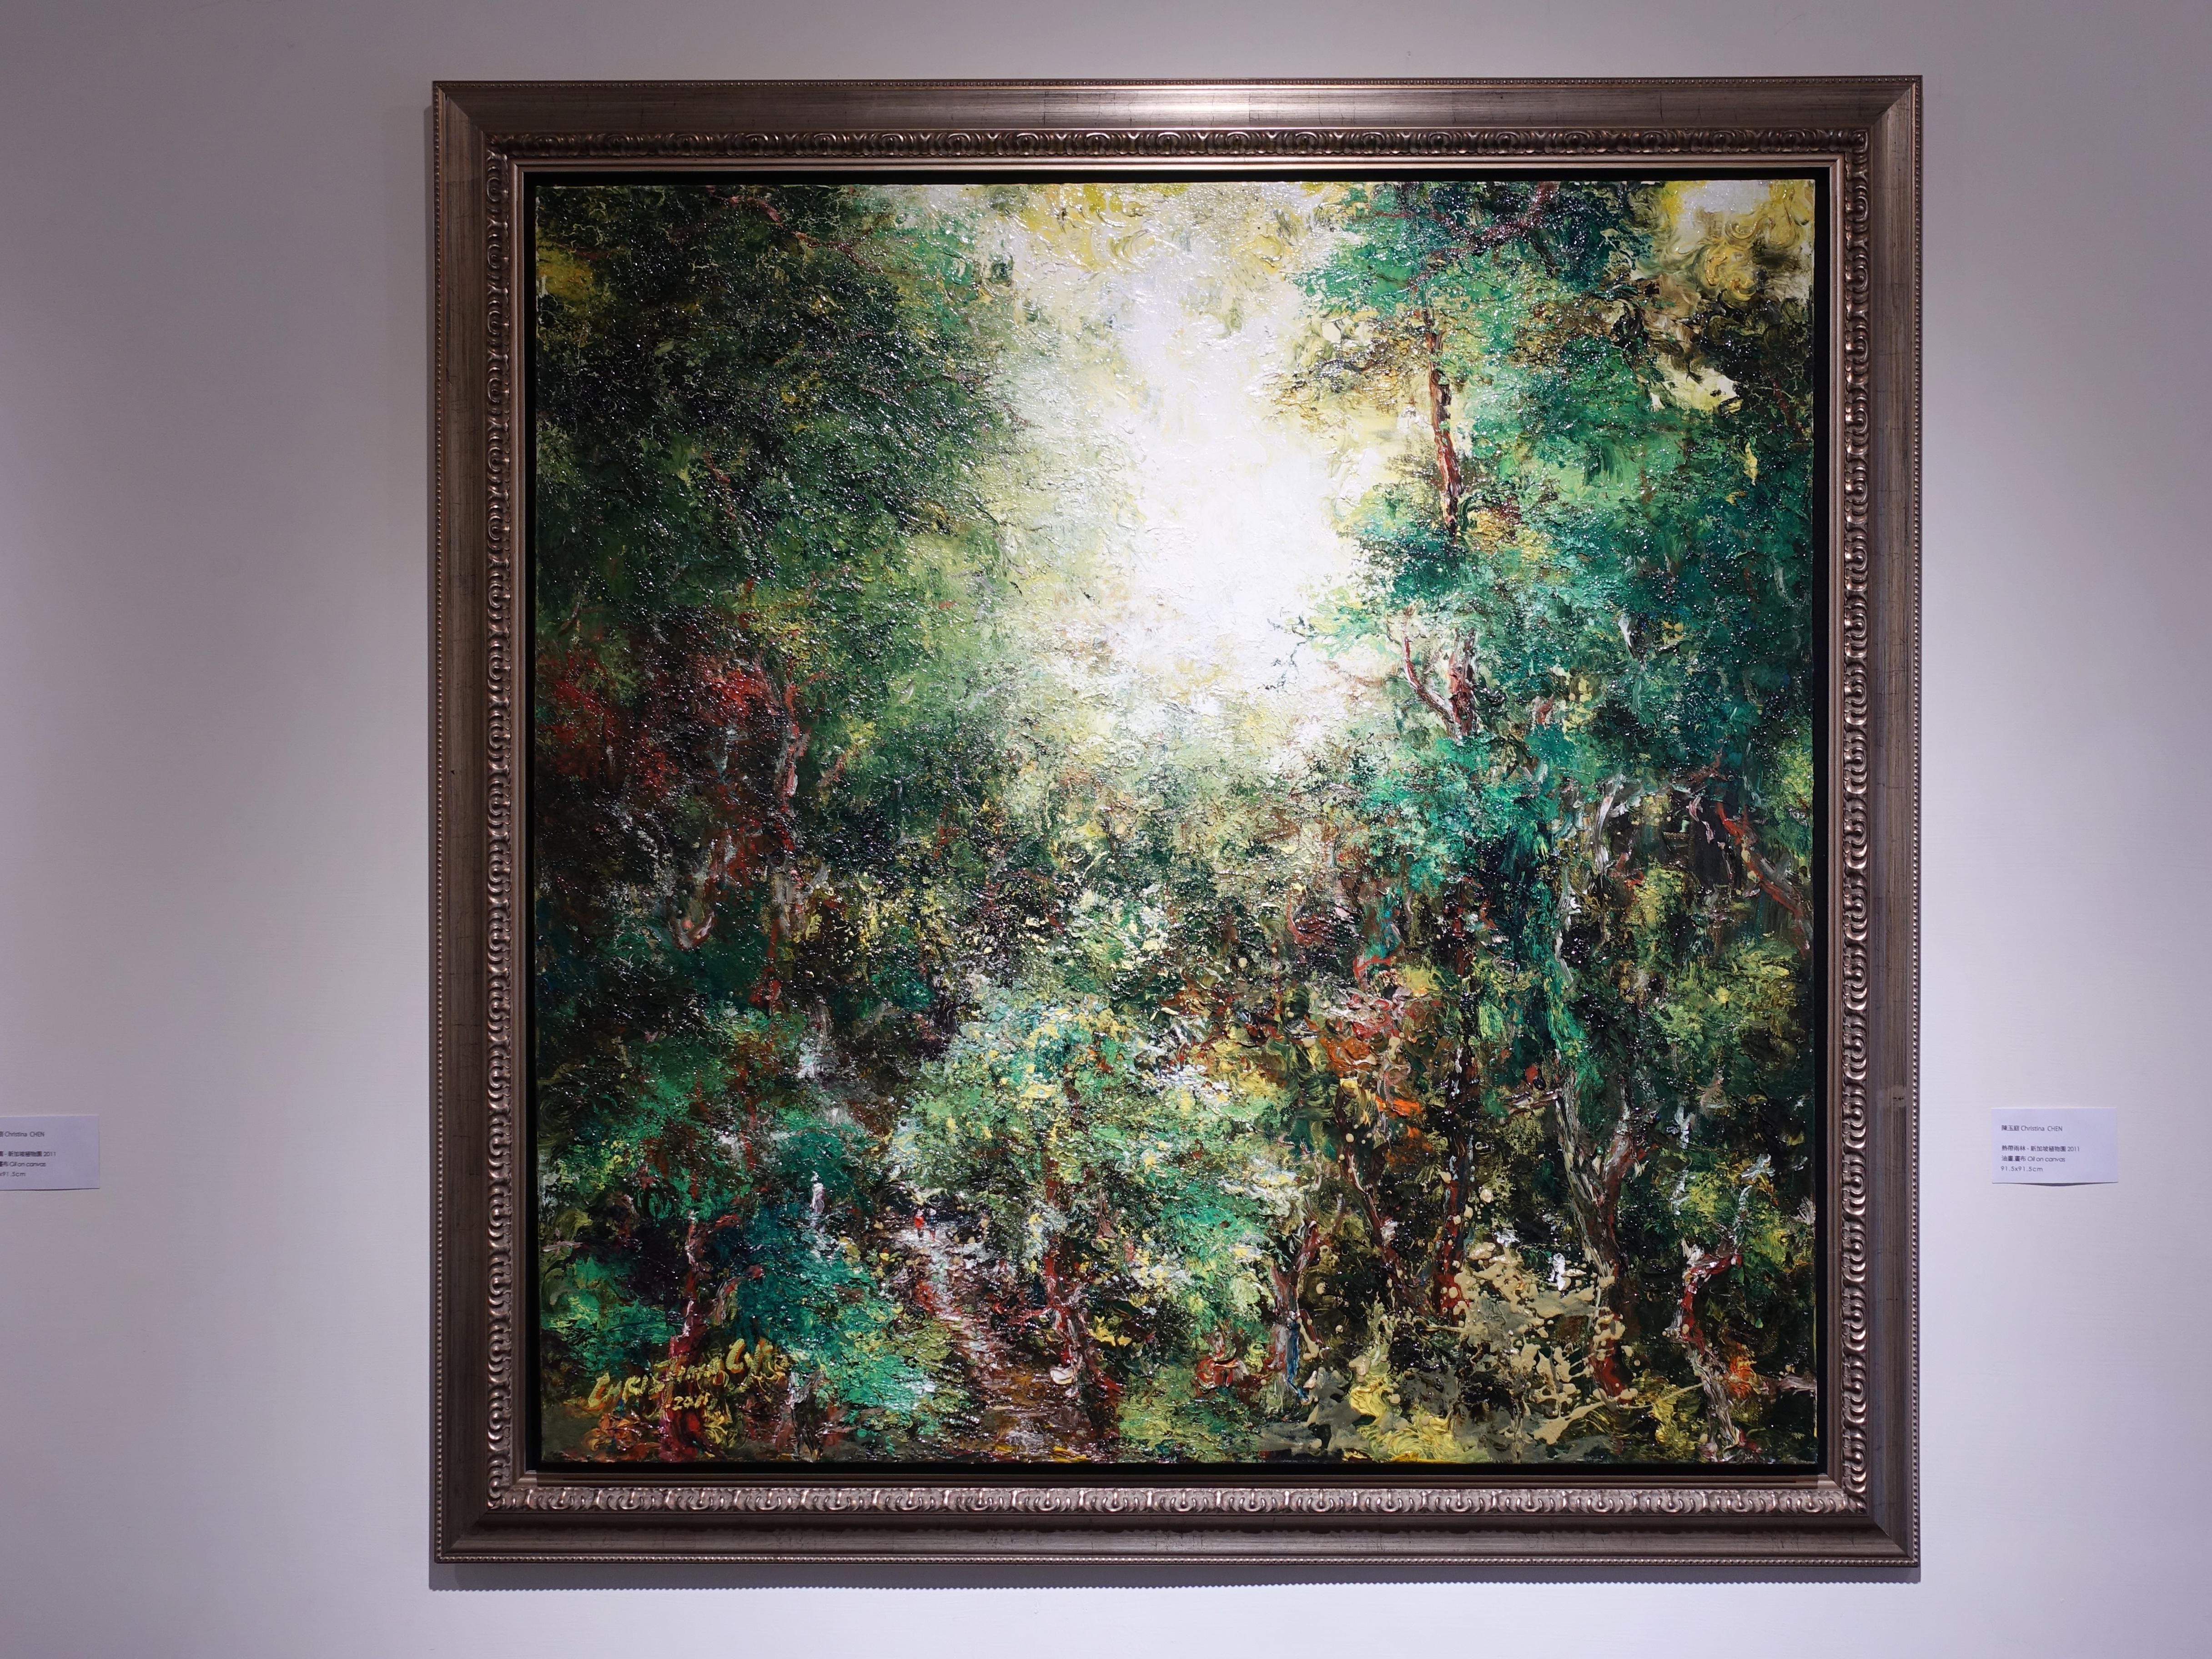 陳玉庭,《熱帶雨林-新加坡植物園》,91.5x91.5cm,油畫畫布,2011。